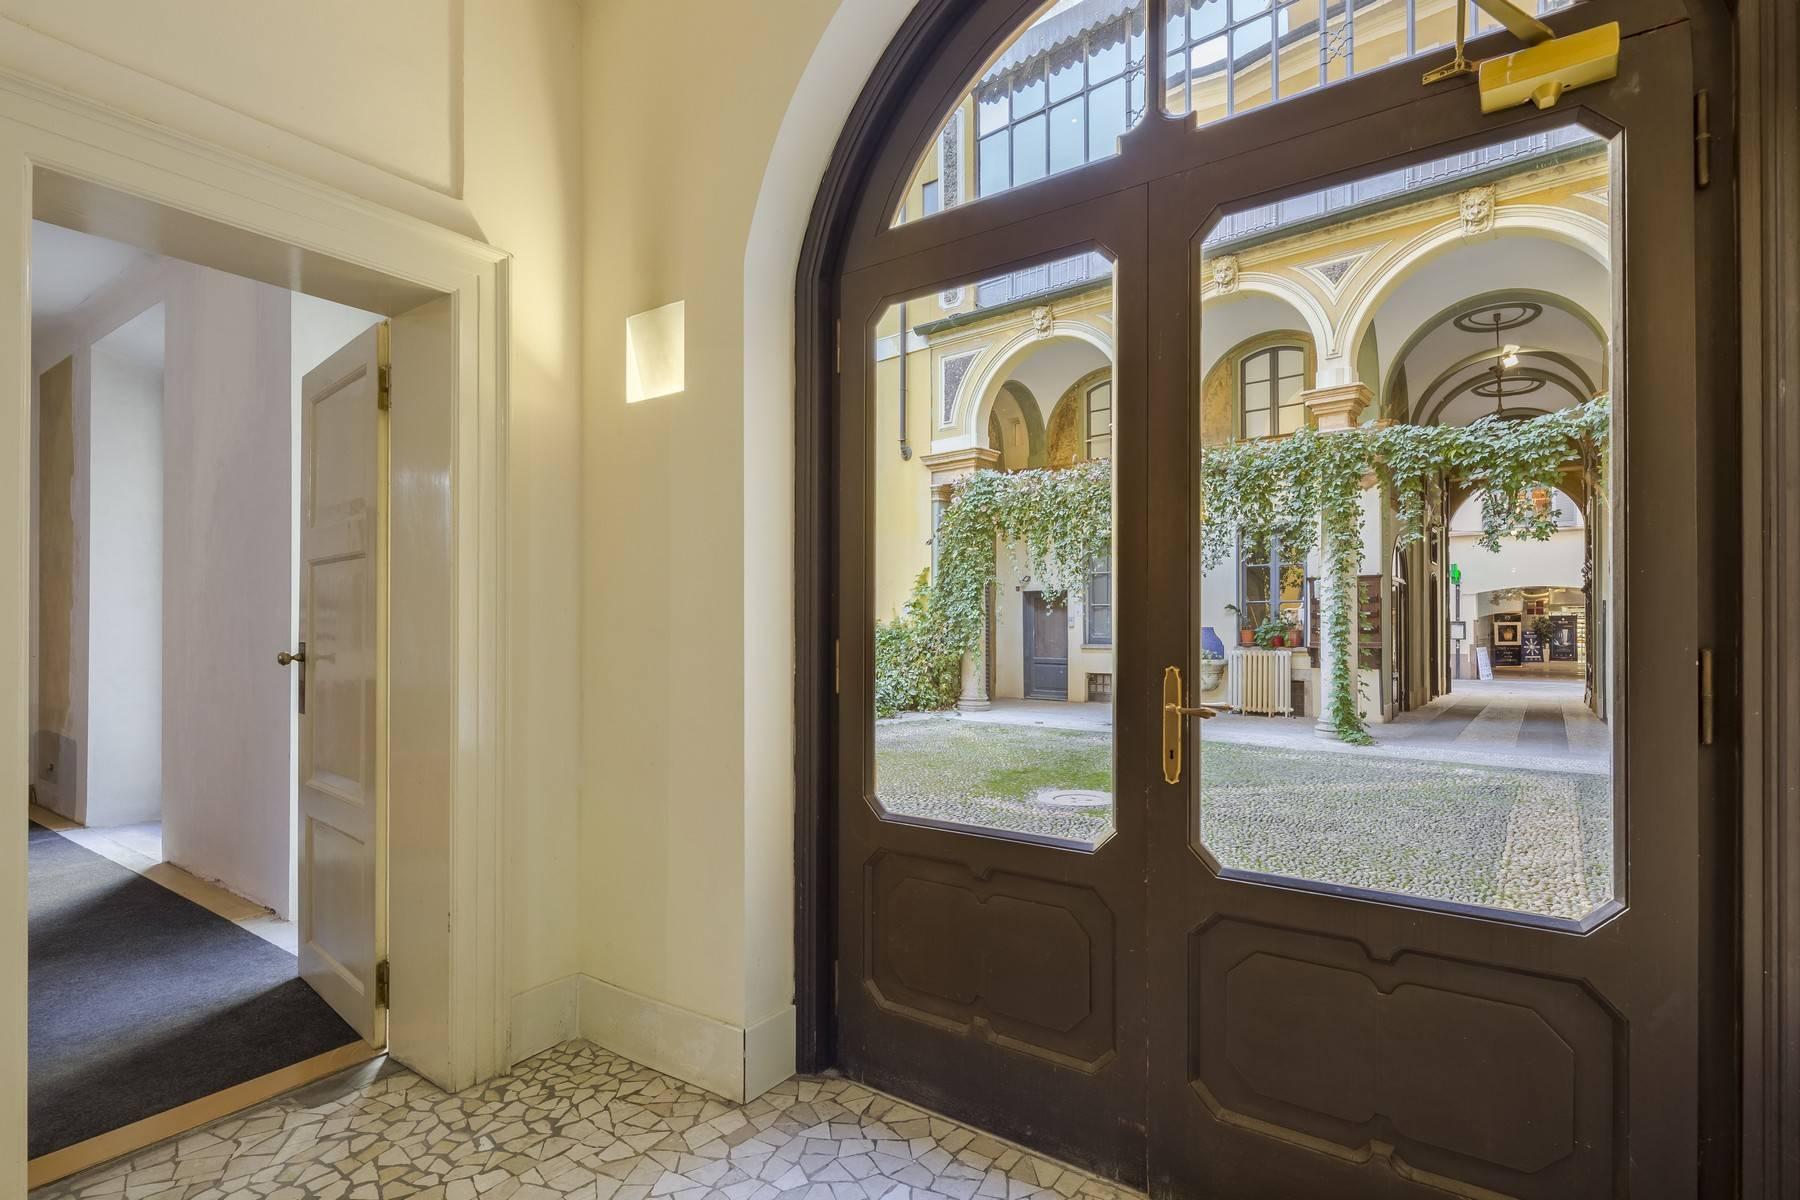 Negozio-locale in Affitto a Milano: 2 locali, 100 mq - Foto 12